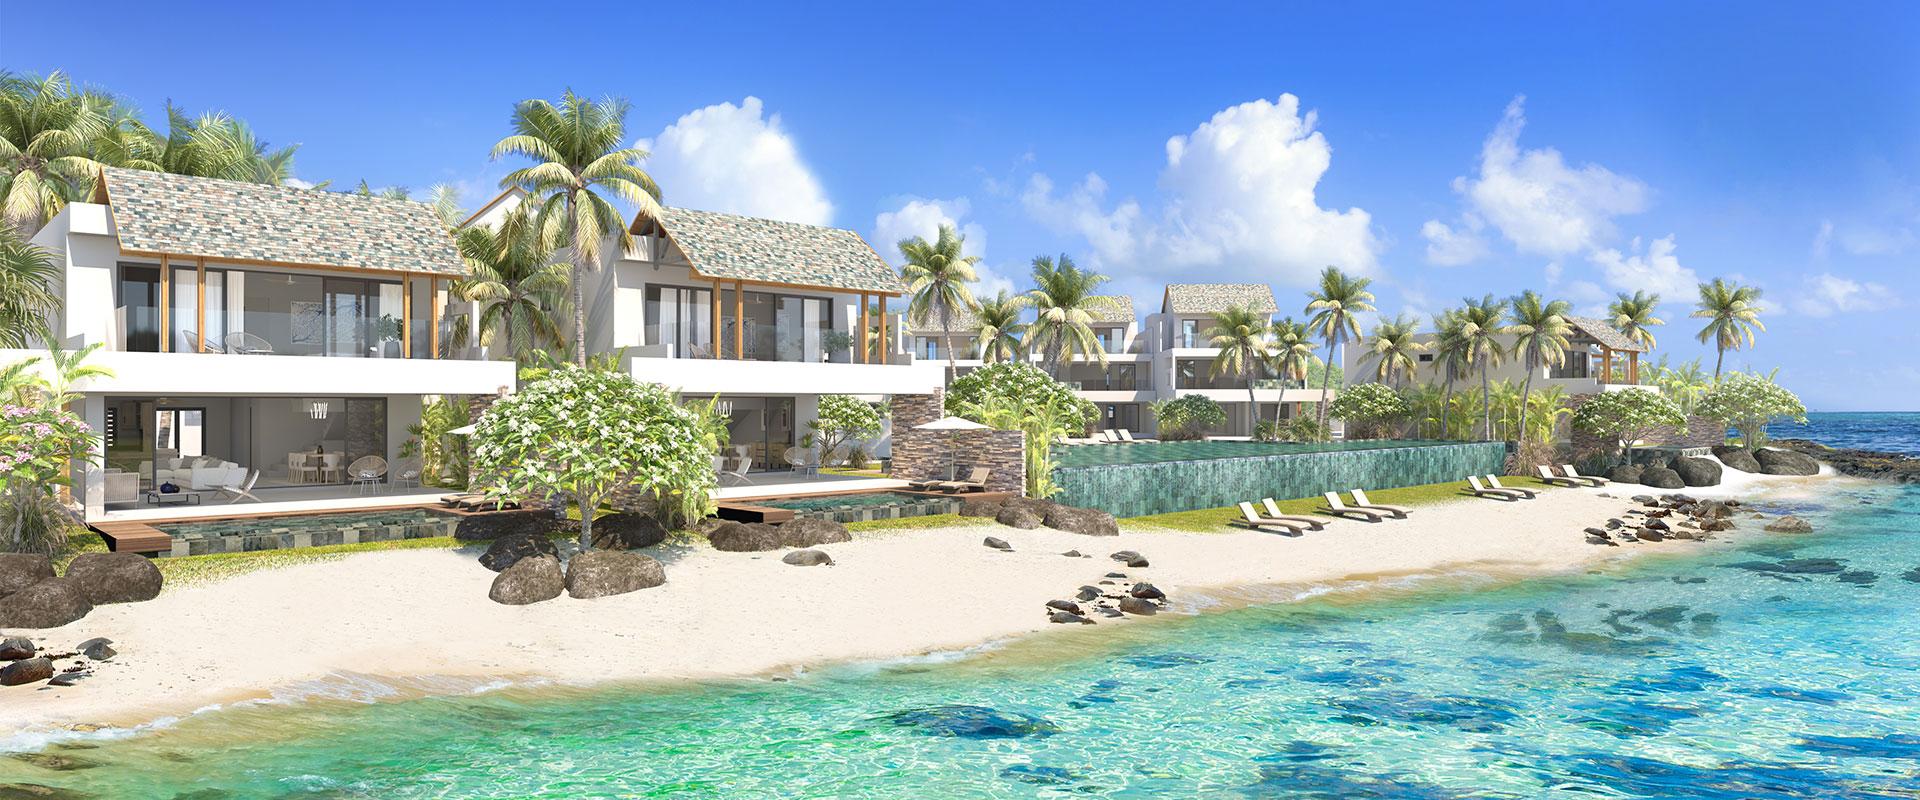 Exceptionnel Appartement de 215m2 en bord de mer | Avantages Fiscaux